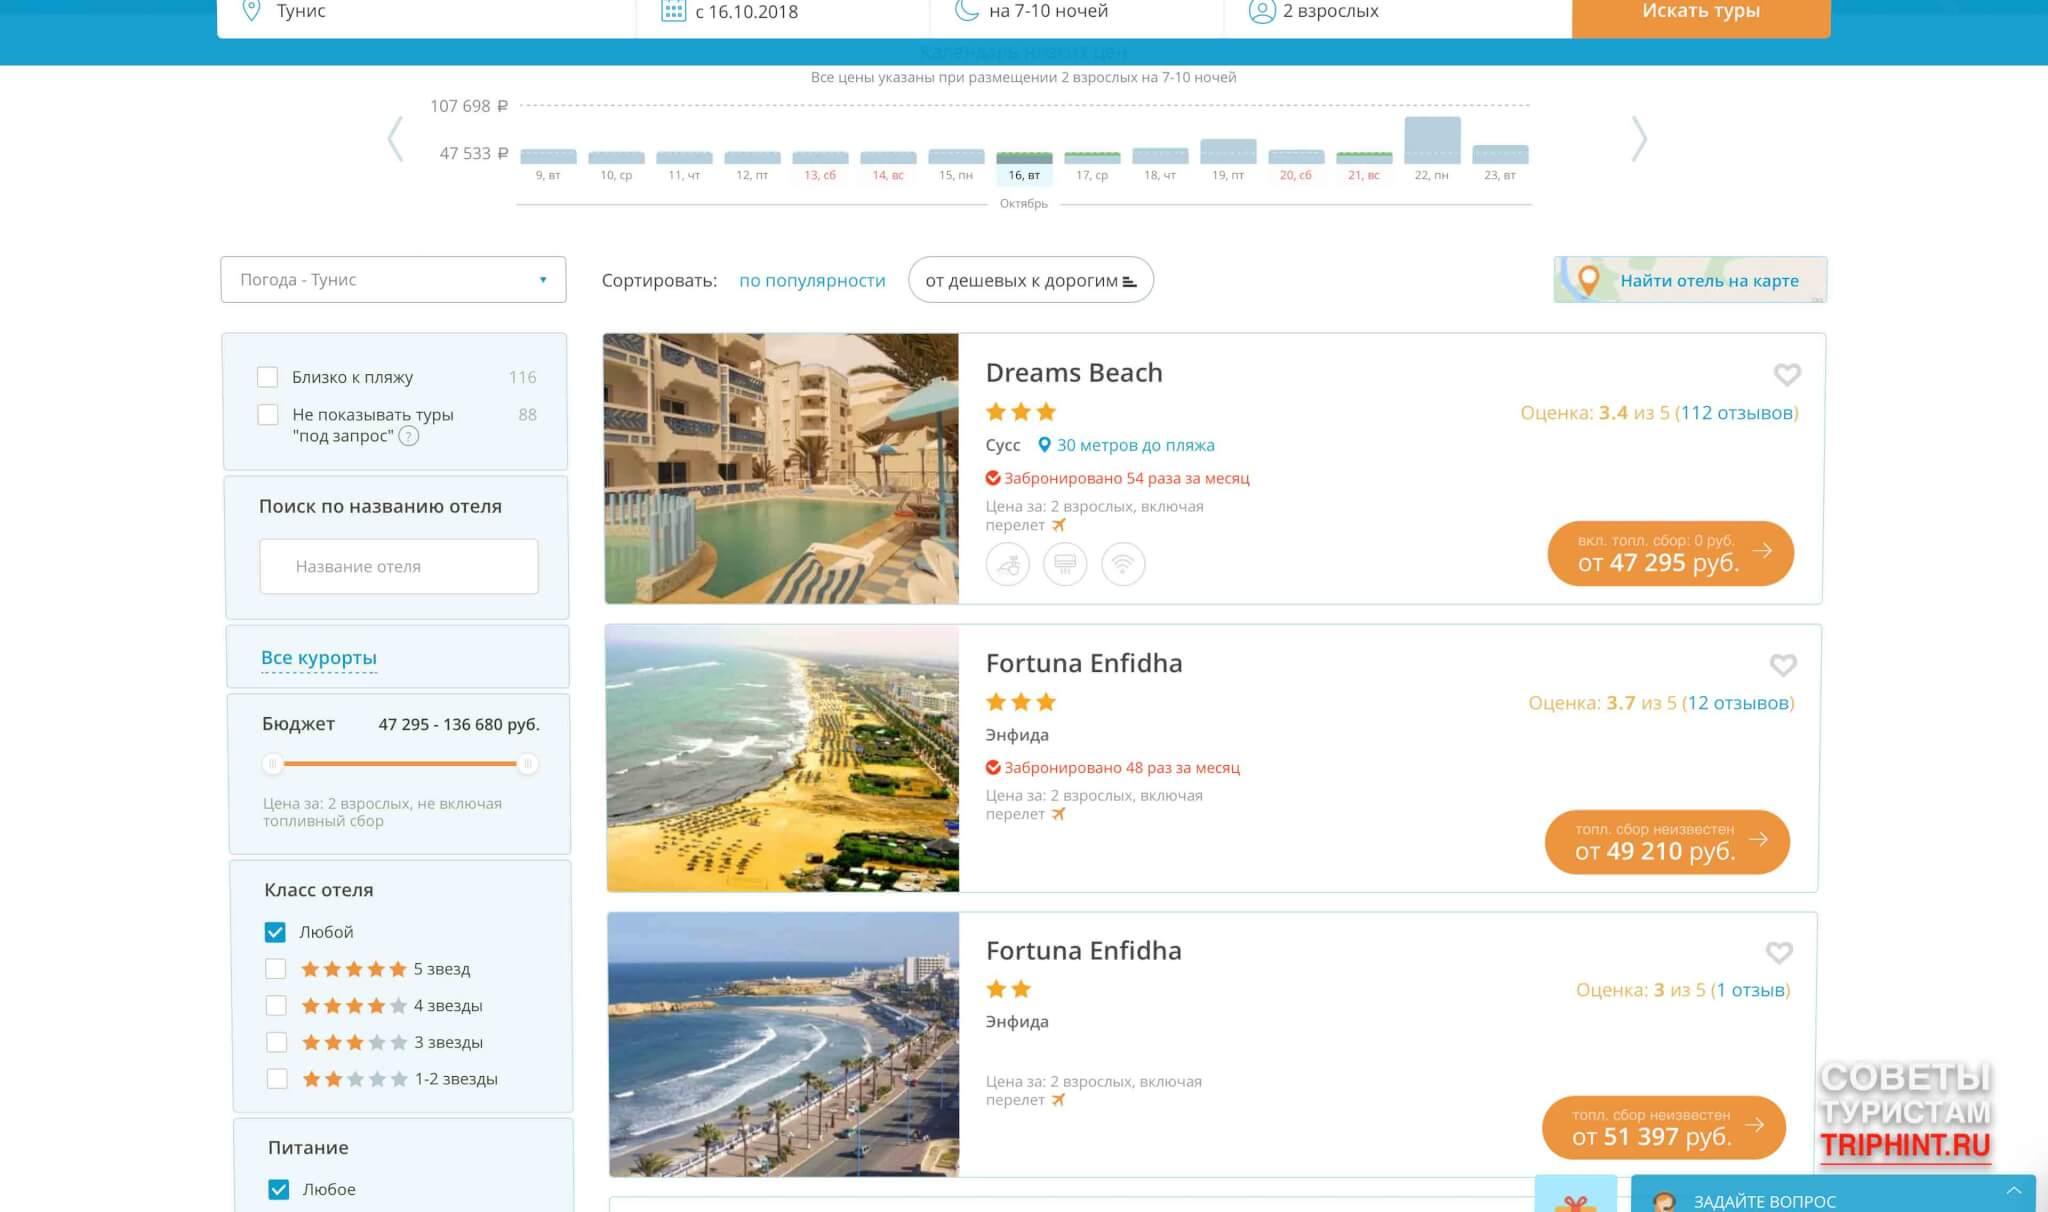 Стоимость туров в Тунис в октябре. Отель Dreams Beach в Сусс, Fortuna Enfidha в Энфида